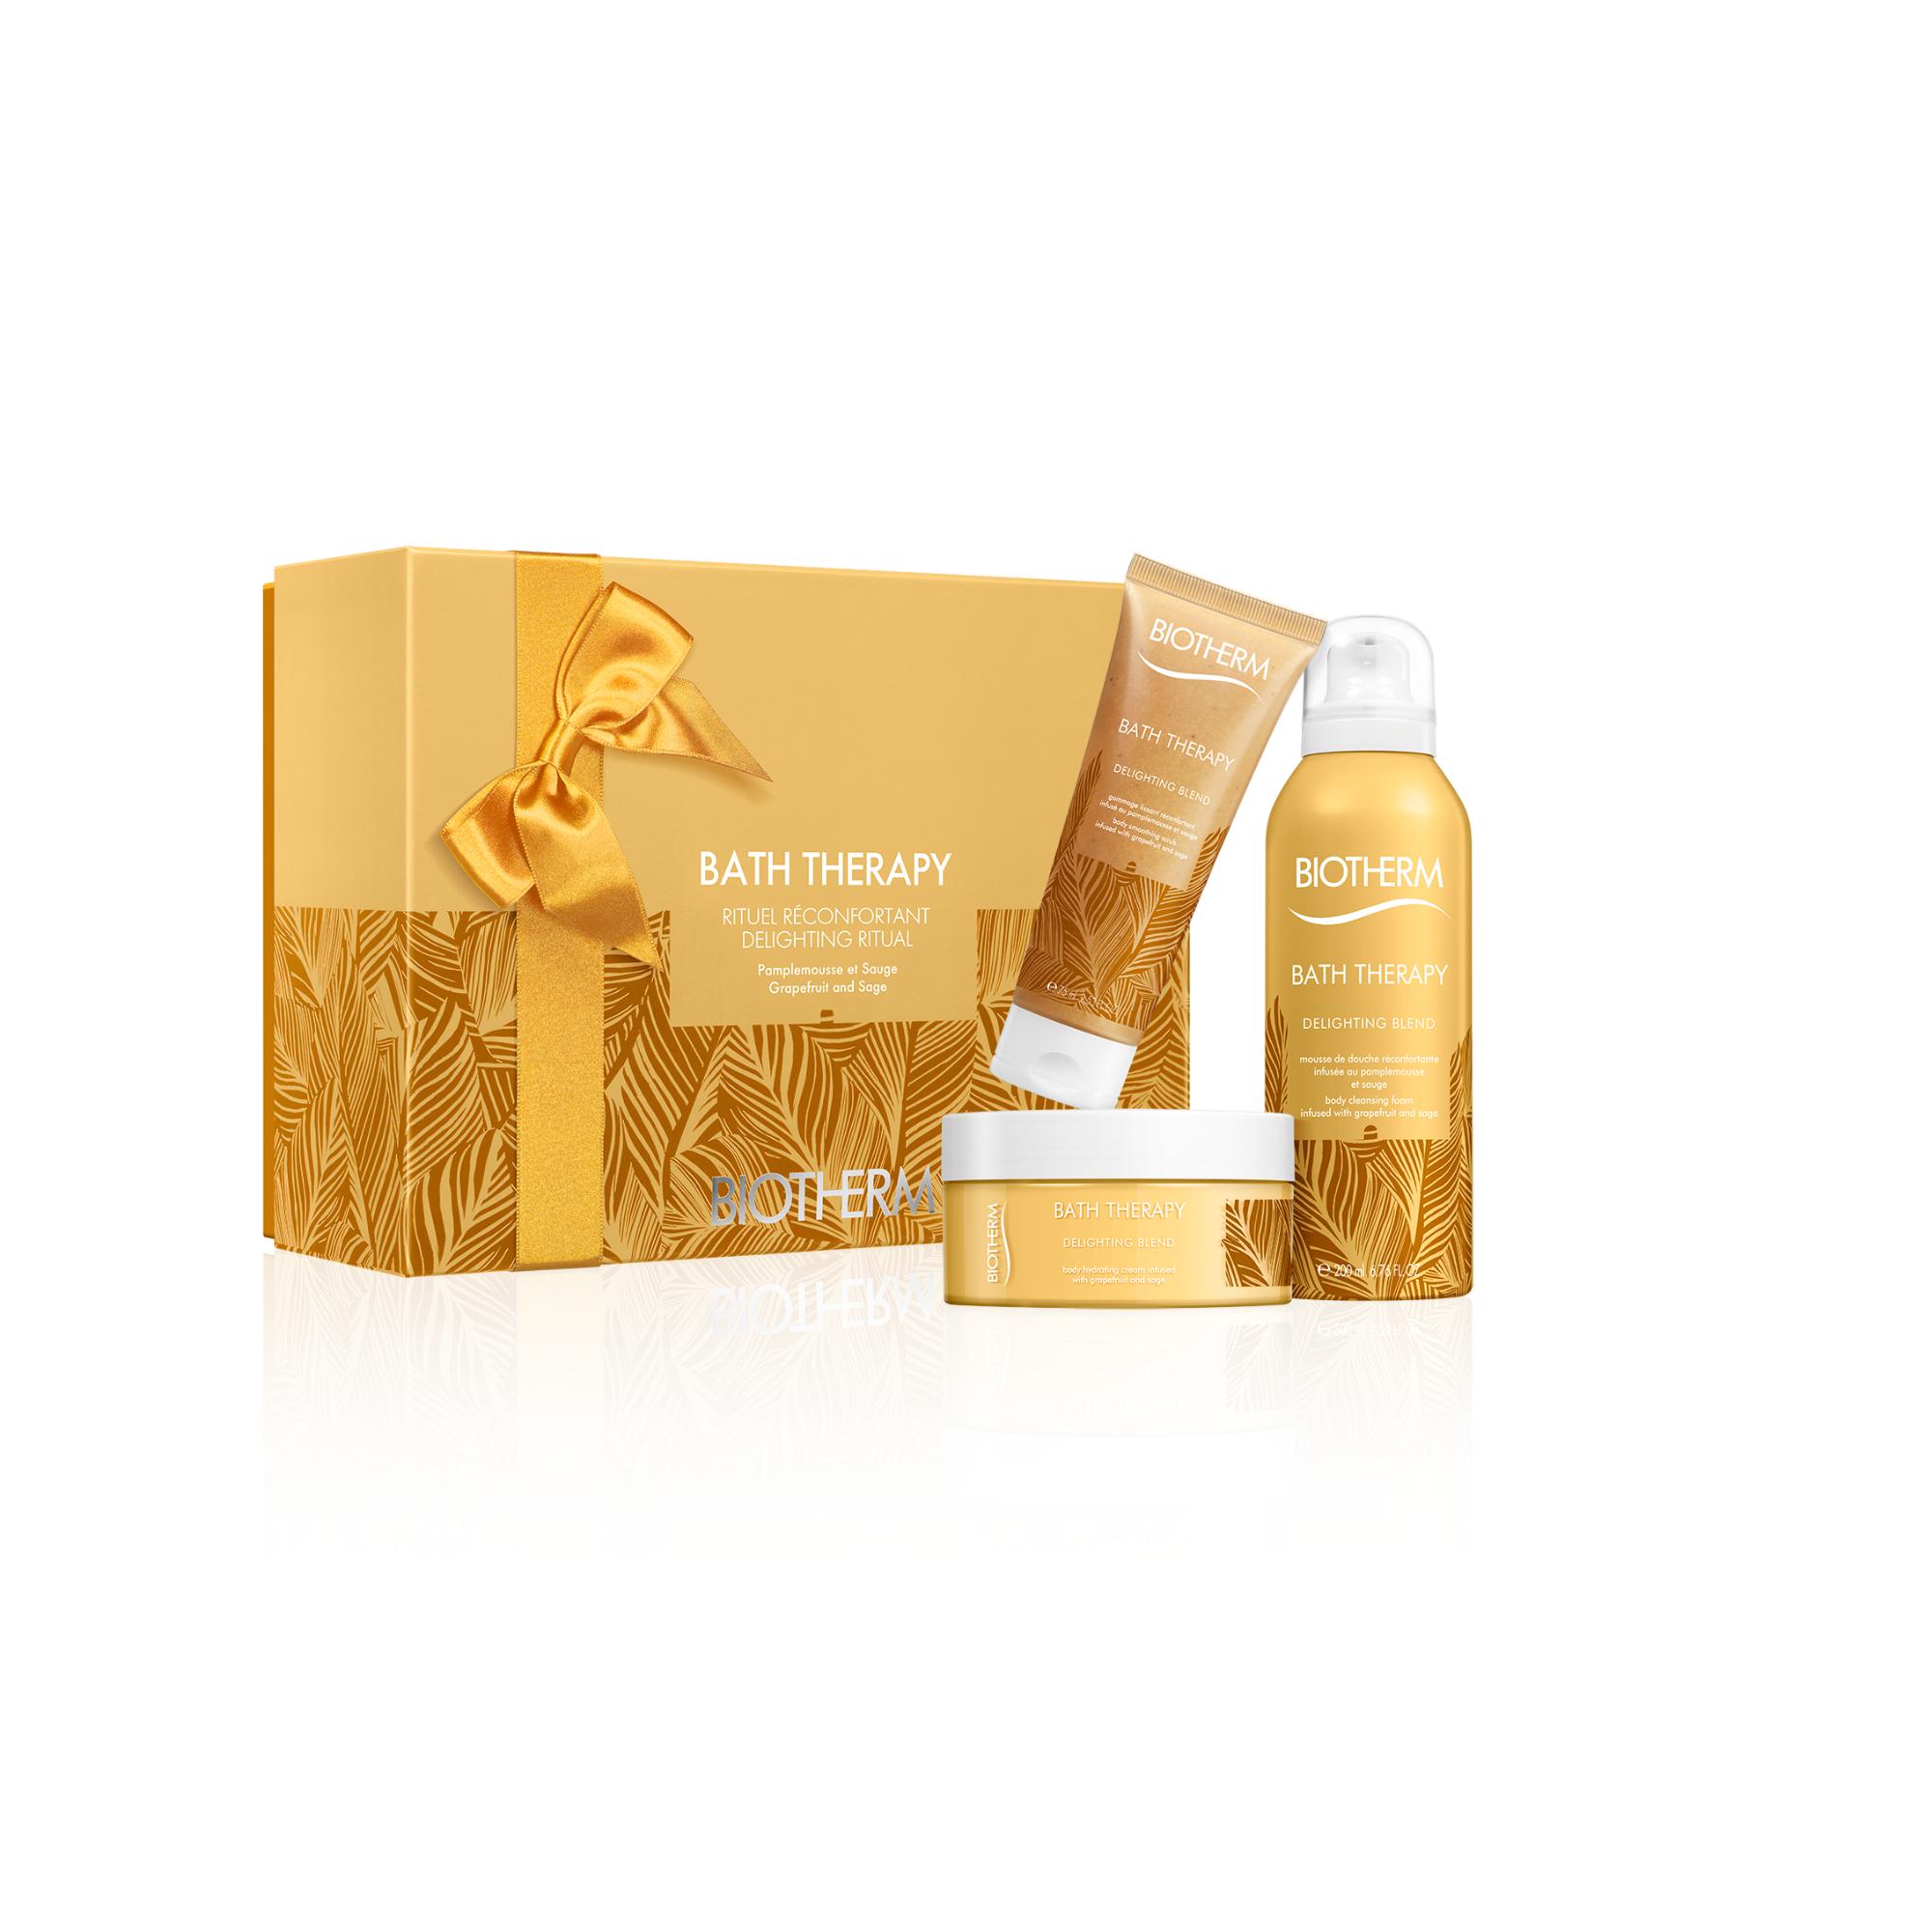 Bath Therapy Deli Blend Body Kit